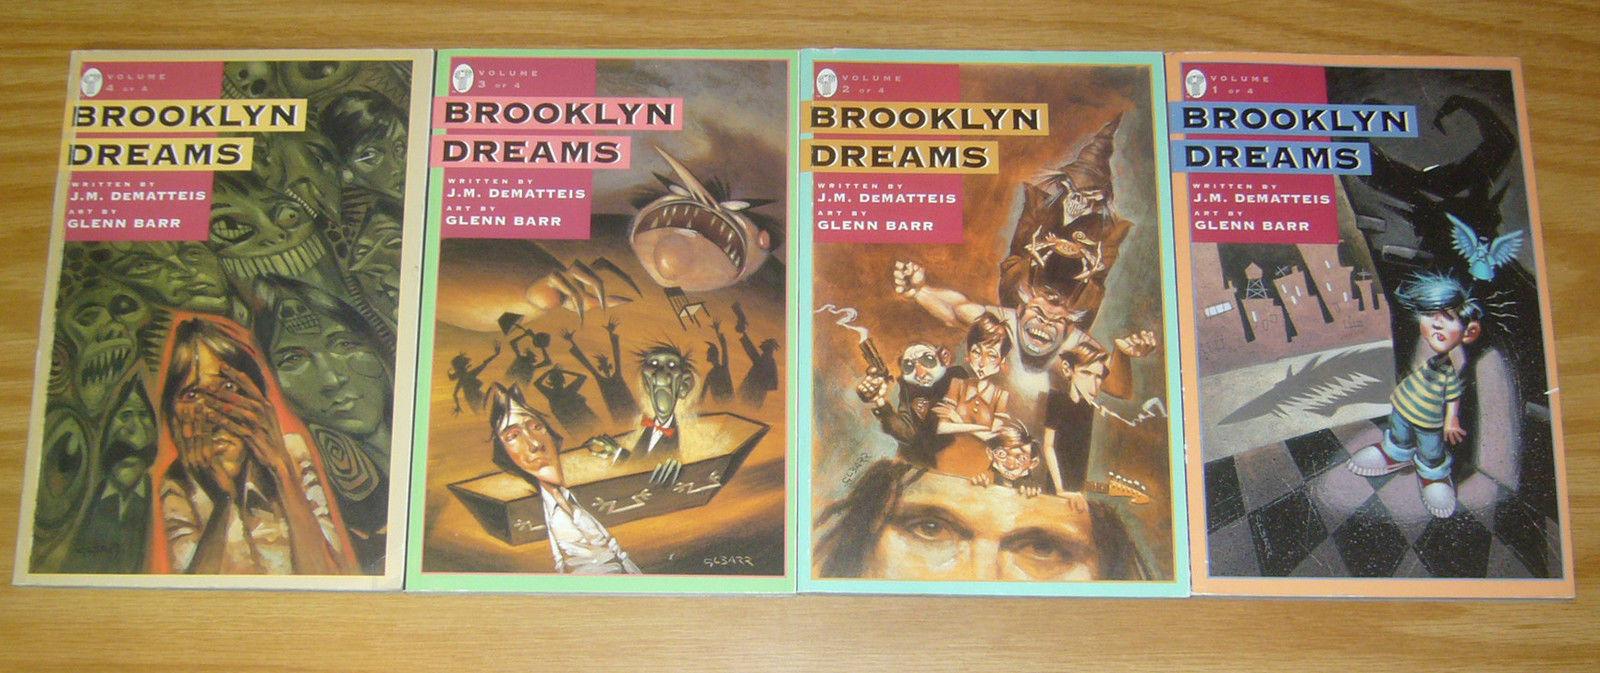 Brooklyn Dreams #1-4 VF/NM complete series - j m  dematteis